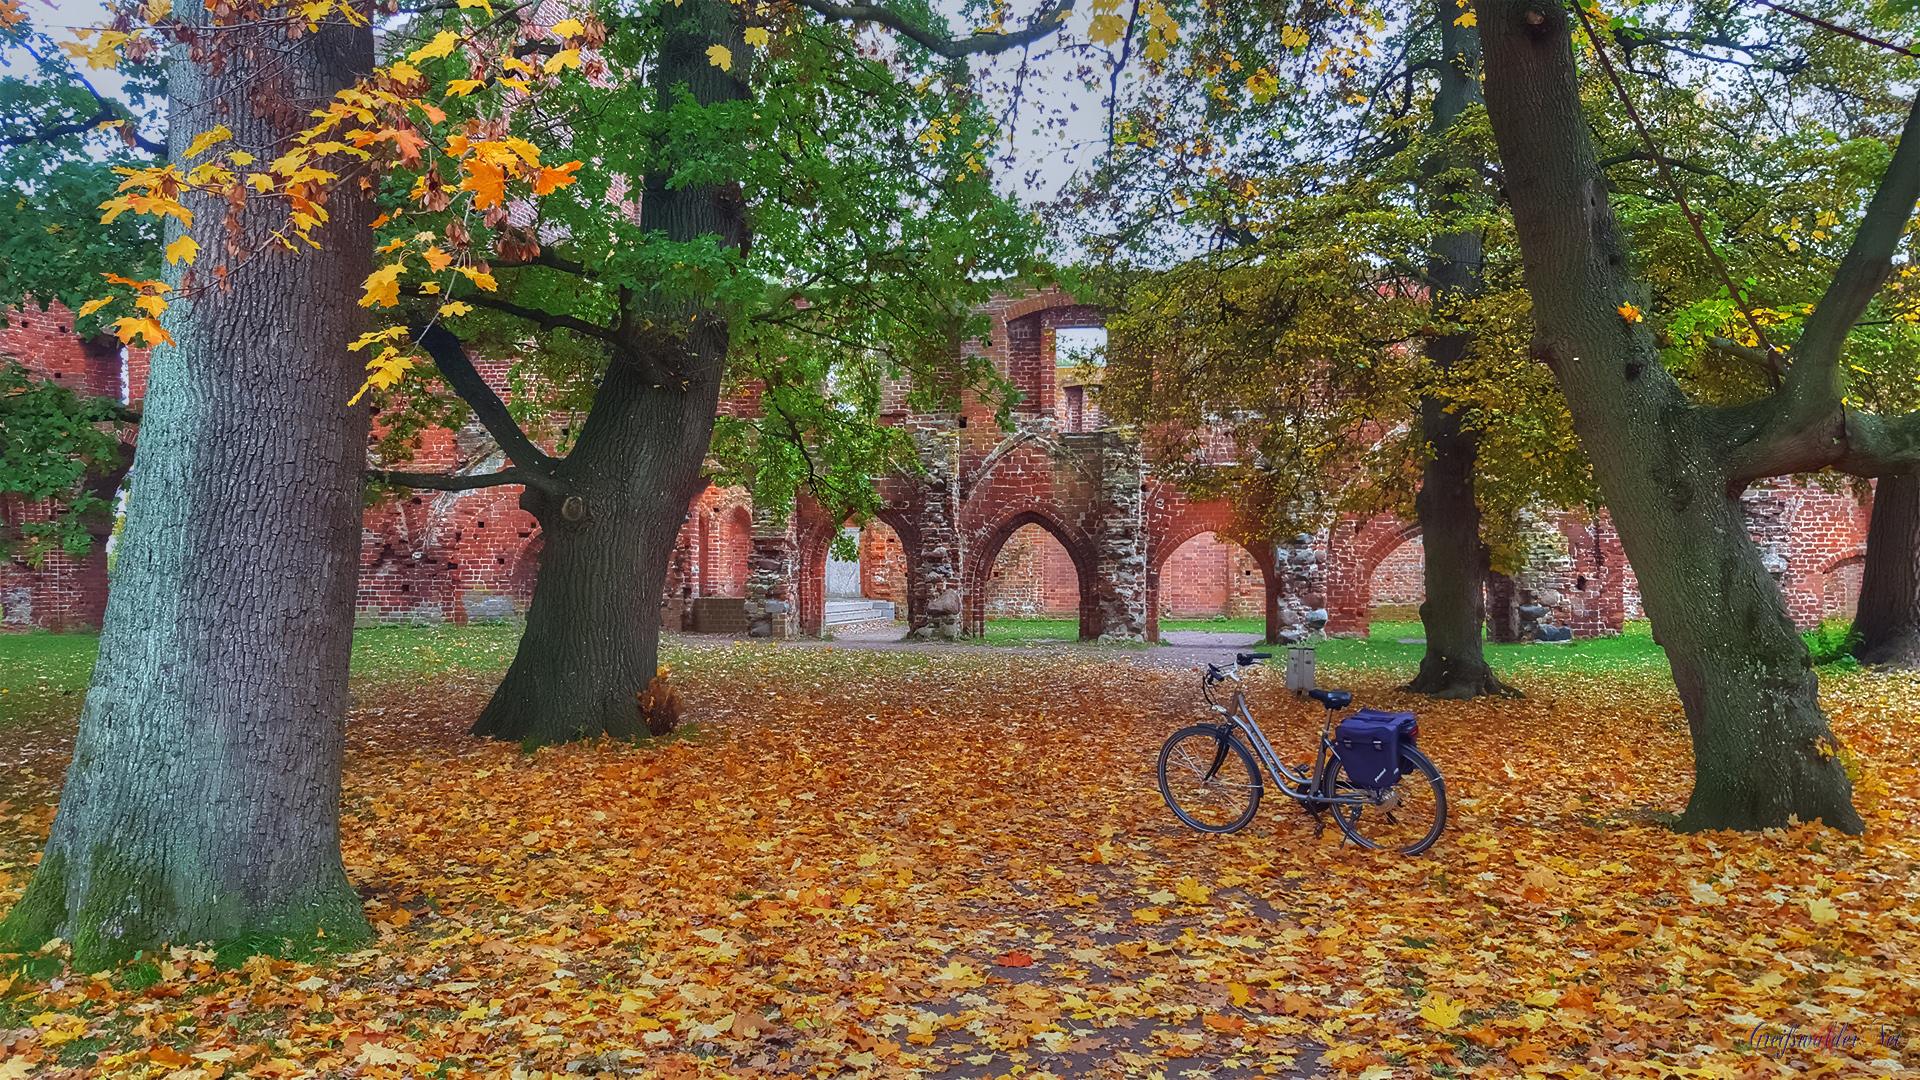 Herbst in der Klosterruine Greifswald-Eldena